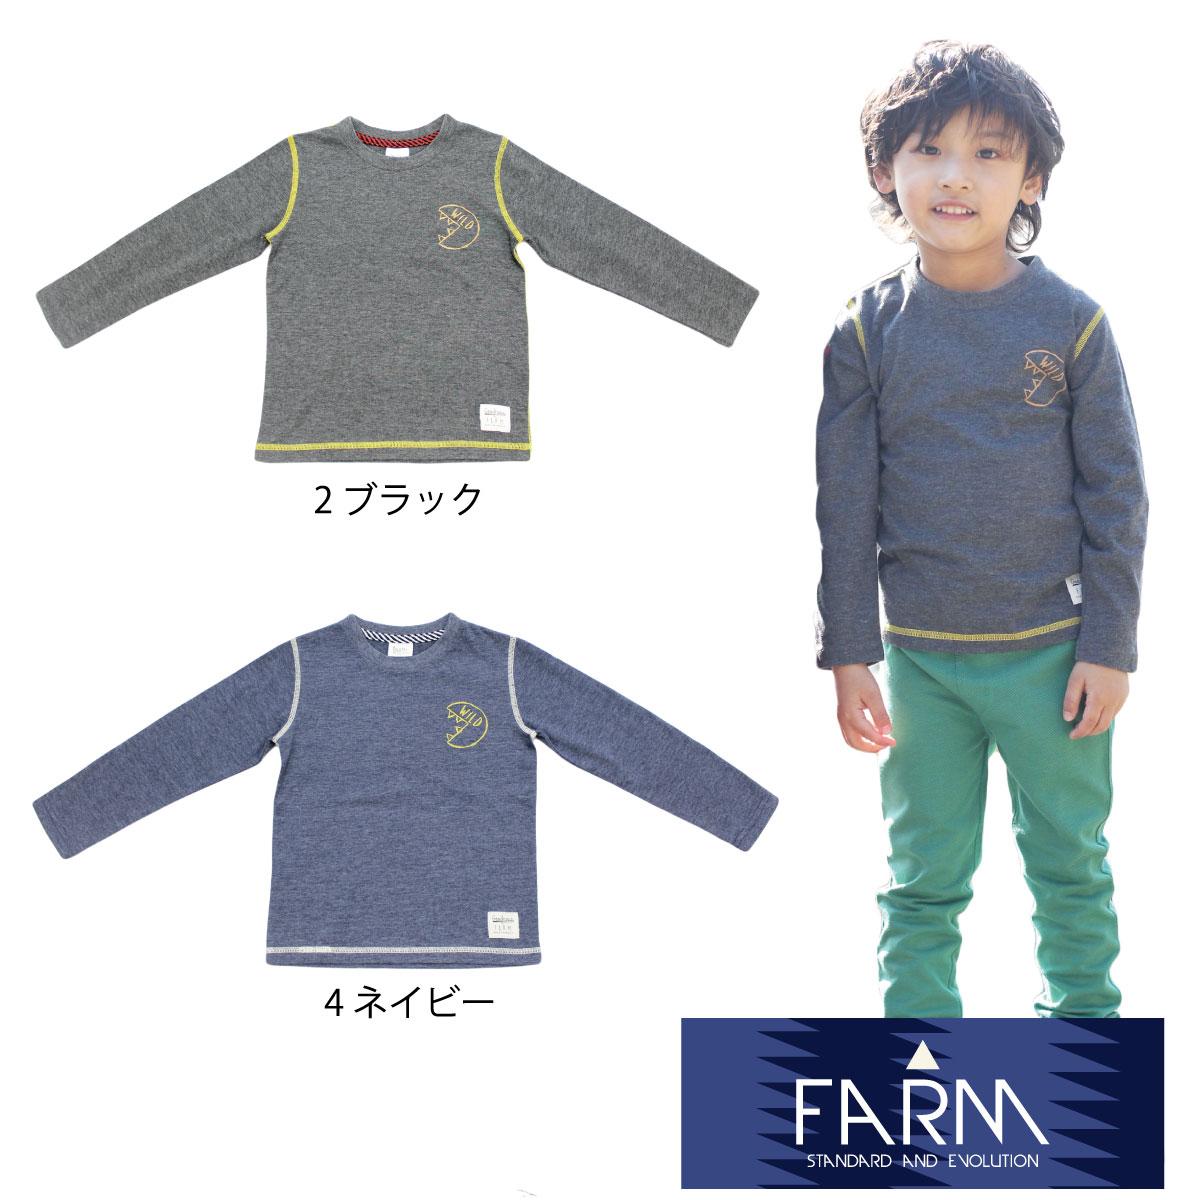 【ネコポス対応】【SiShuNon/FARM】ワイルドバックTシャツ ファーム キッズ ワイルド バック 長袖Tシャツ